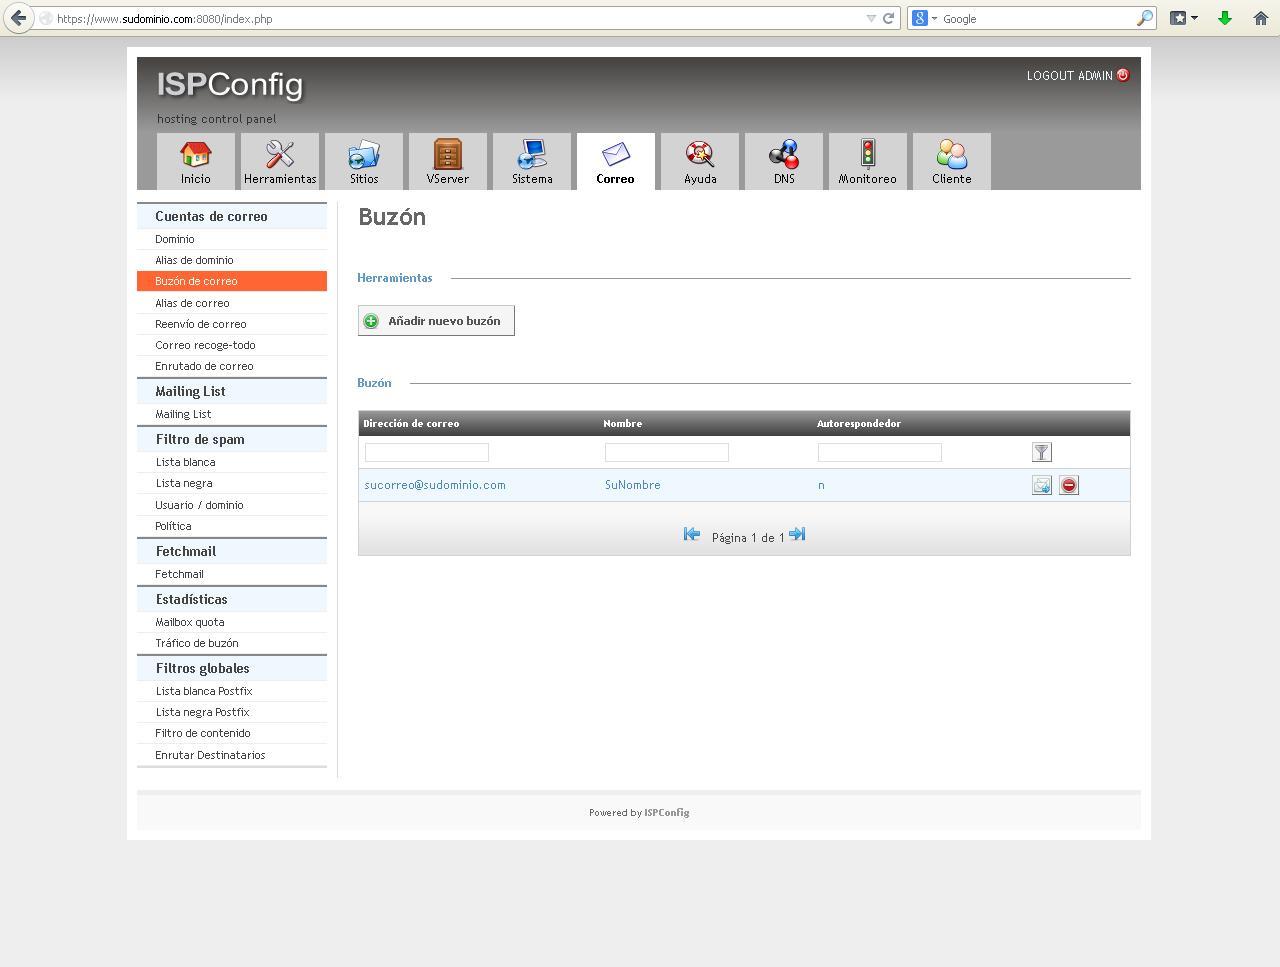 panel-cuenta-correo-creada-ISPConfig